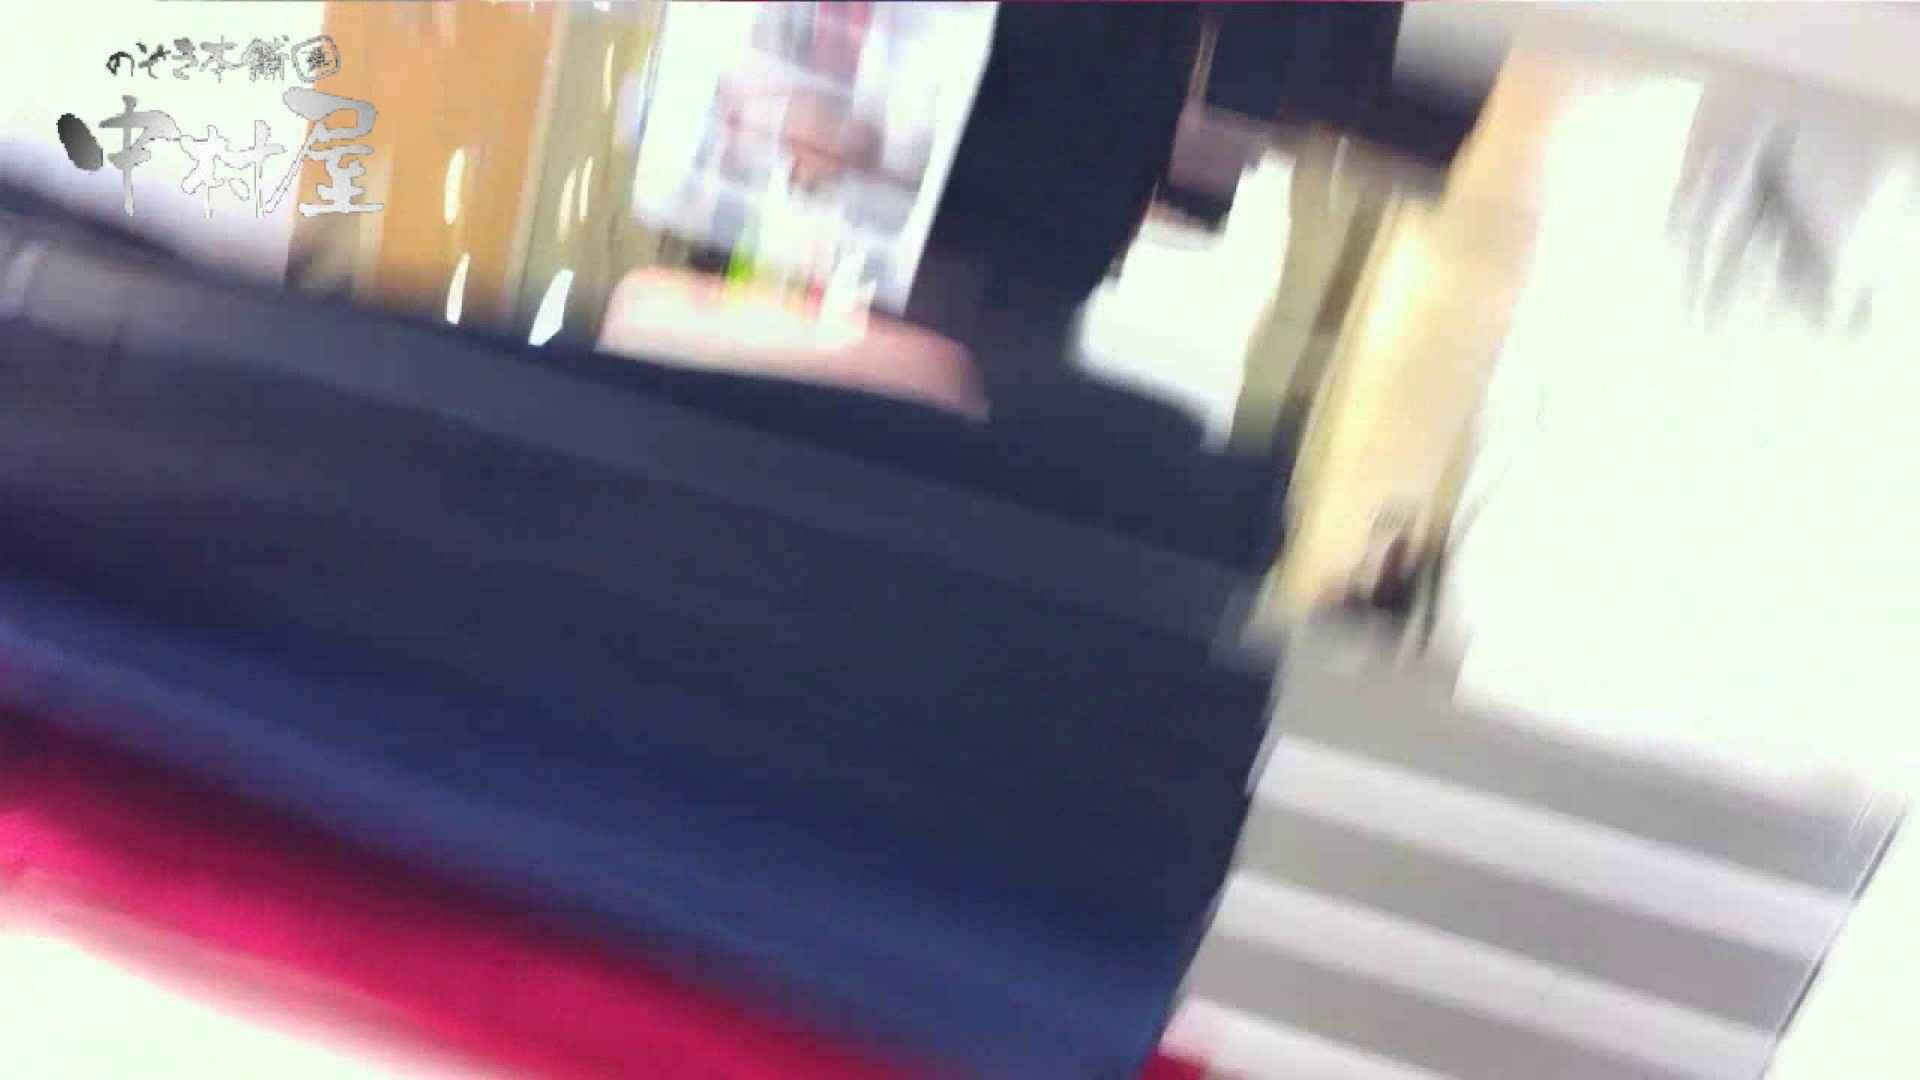 vol.48可愛いカリスマ店員胸チラ&パンチラ アニメ声の店員さん パンチラ | 接写  56pic 56